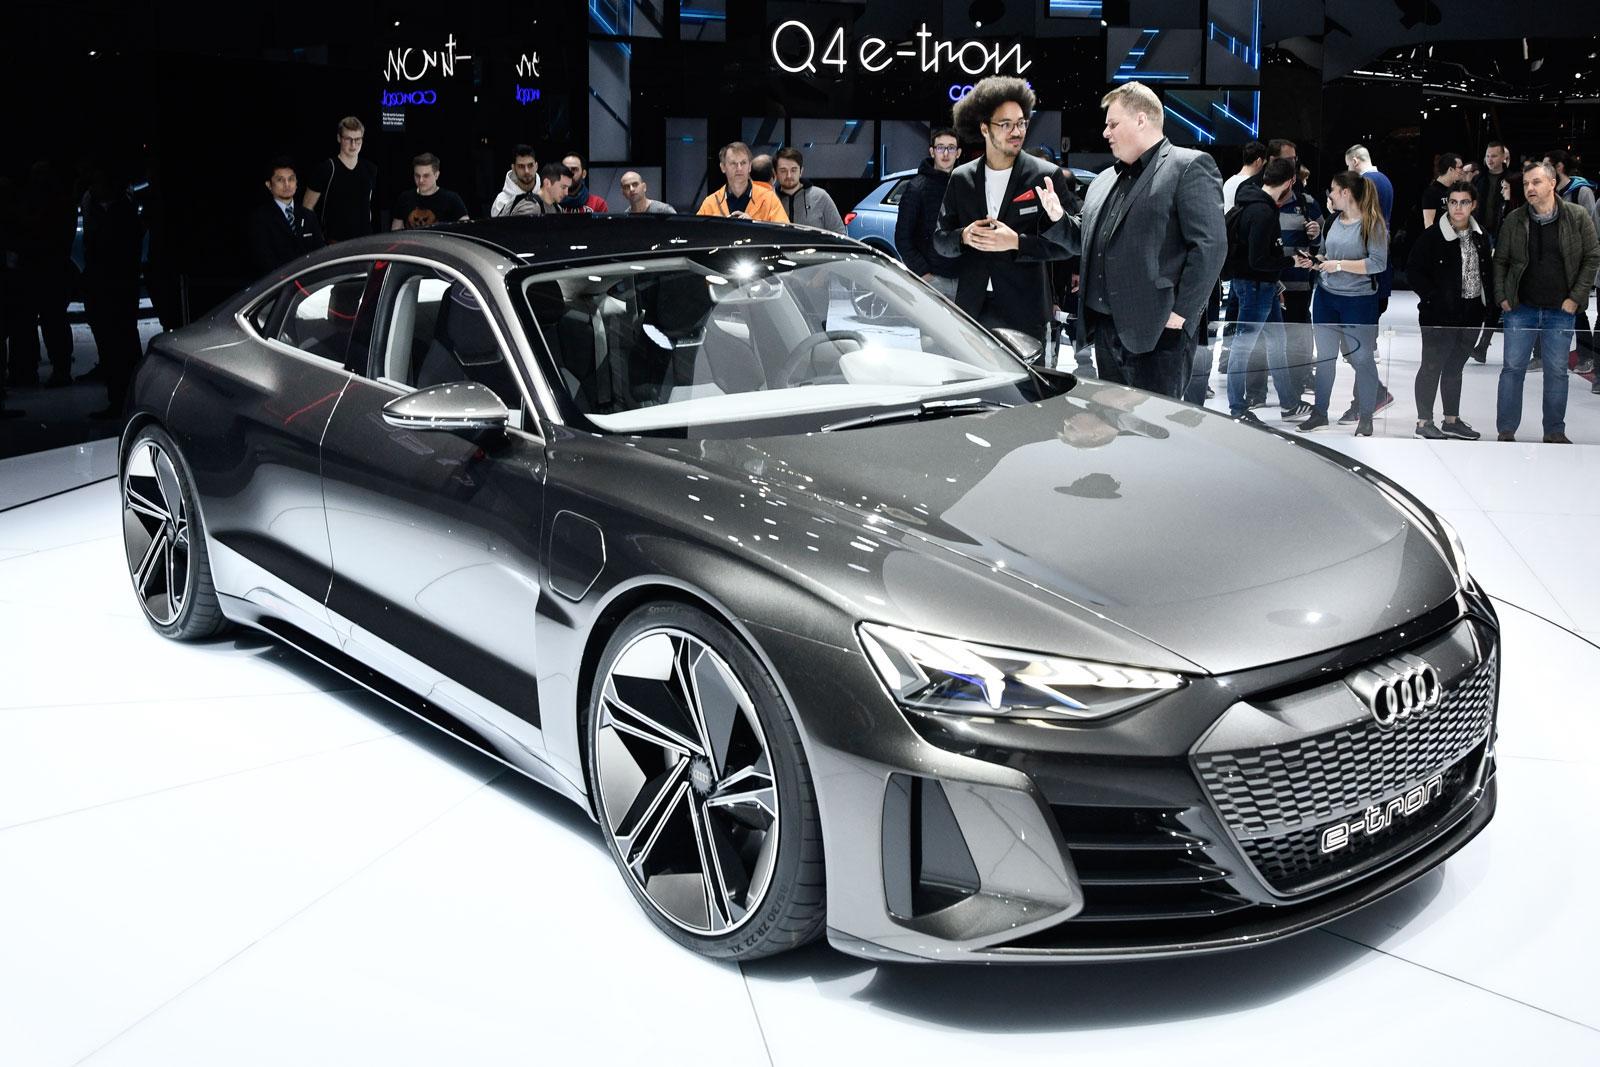 Lars Thomsen al Salone dell'Automobile di Ginevra mentre chiede spiegazioni sull'Audi e-tron GT Concept.